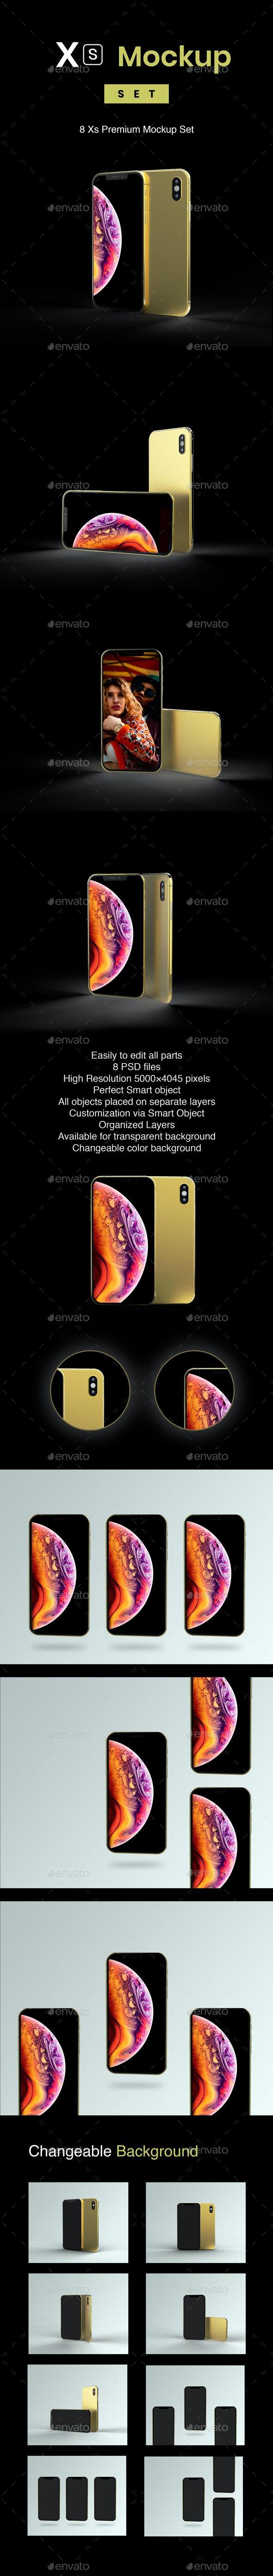 Phone XS Mockup - Mobile Displays